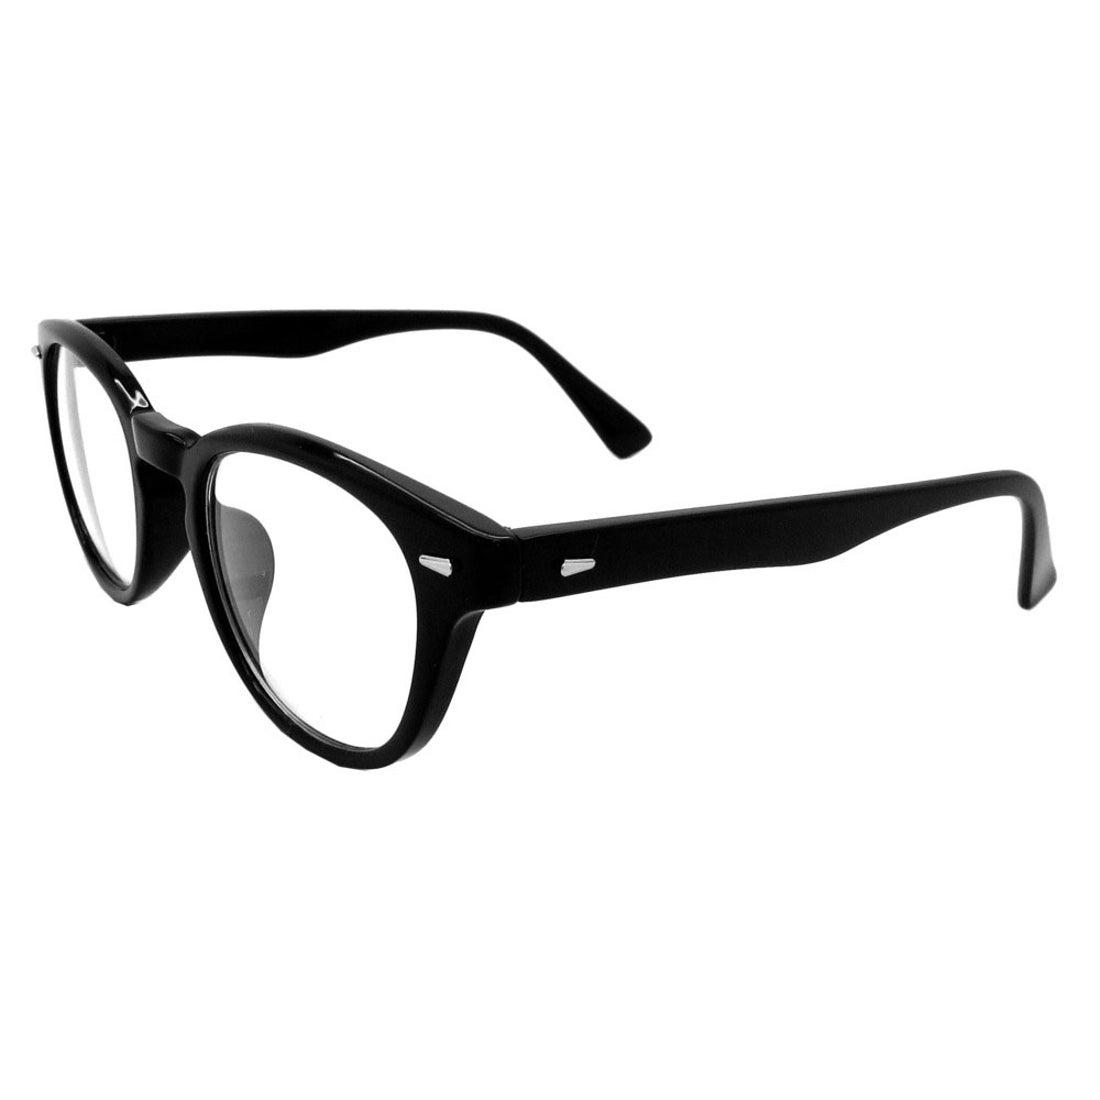 ノーブランド No Brand サングラス sunglass 5005 (ブラック/クリア)